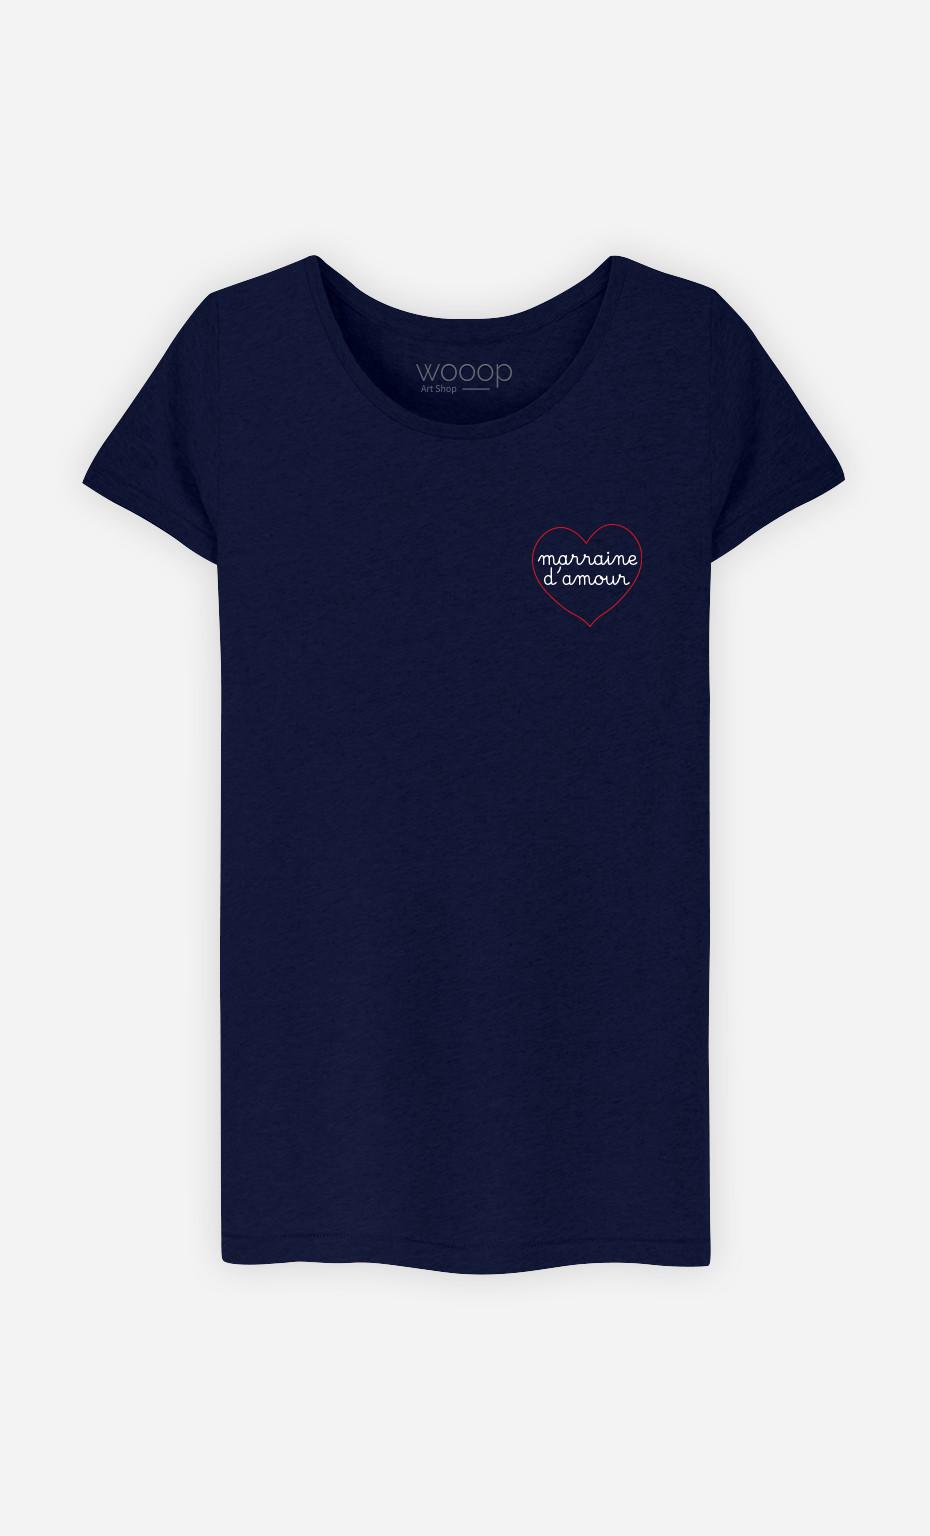 T-Shirt Femme Marraine D'amour Cœur